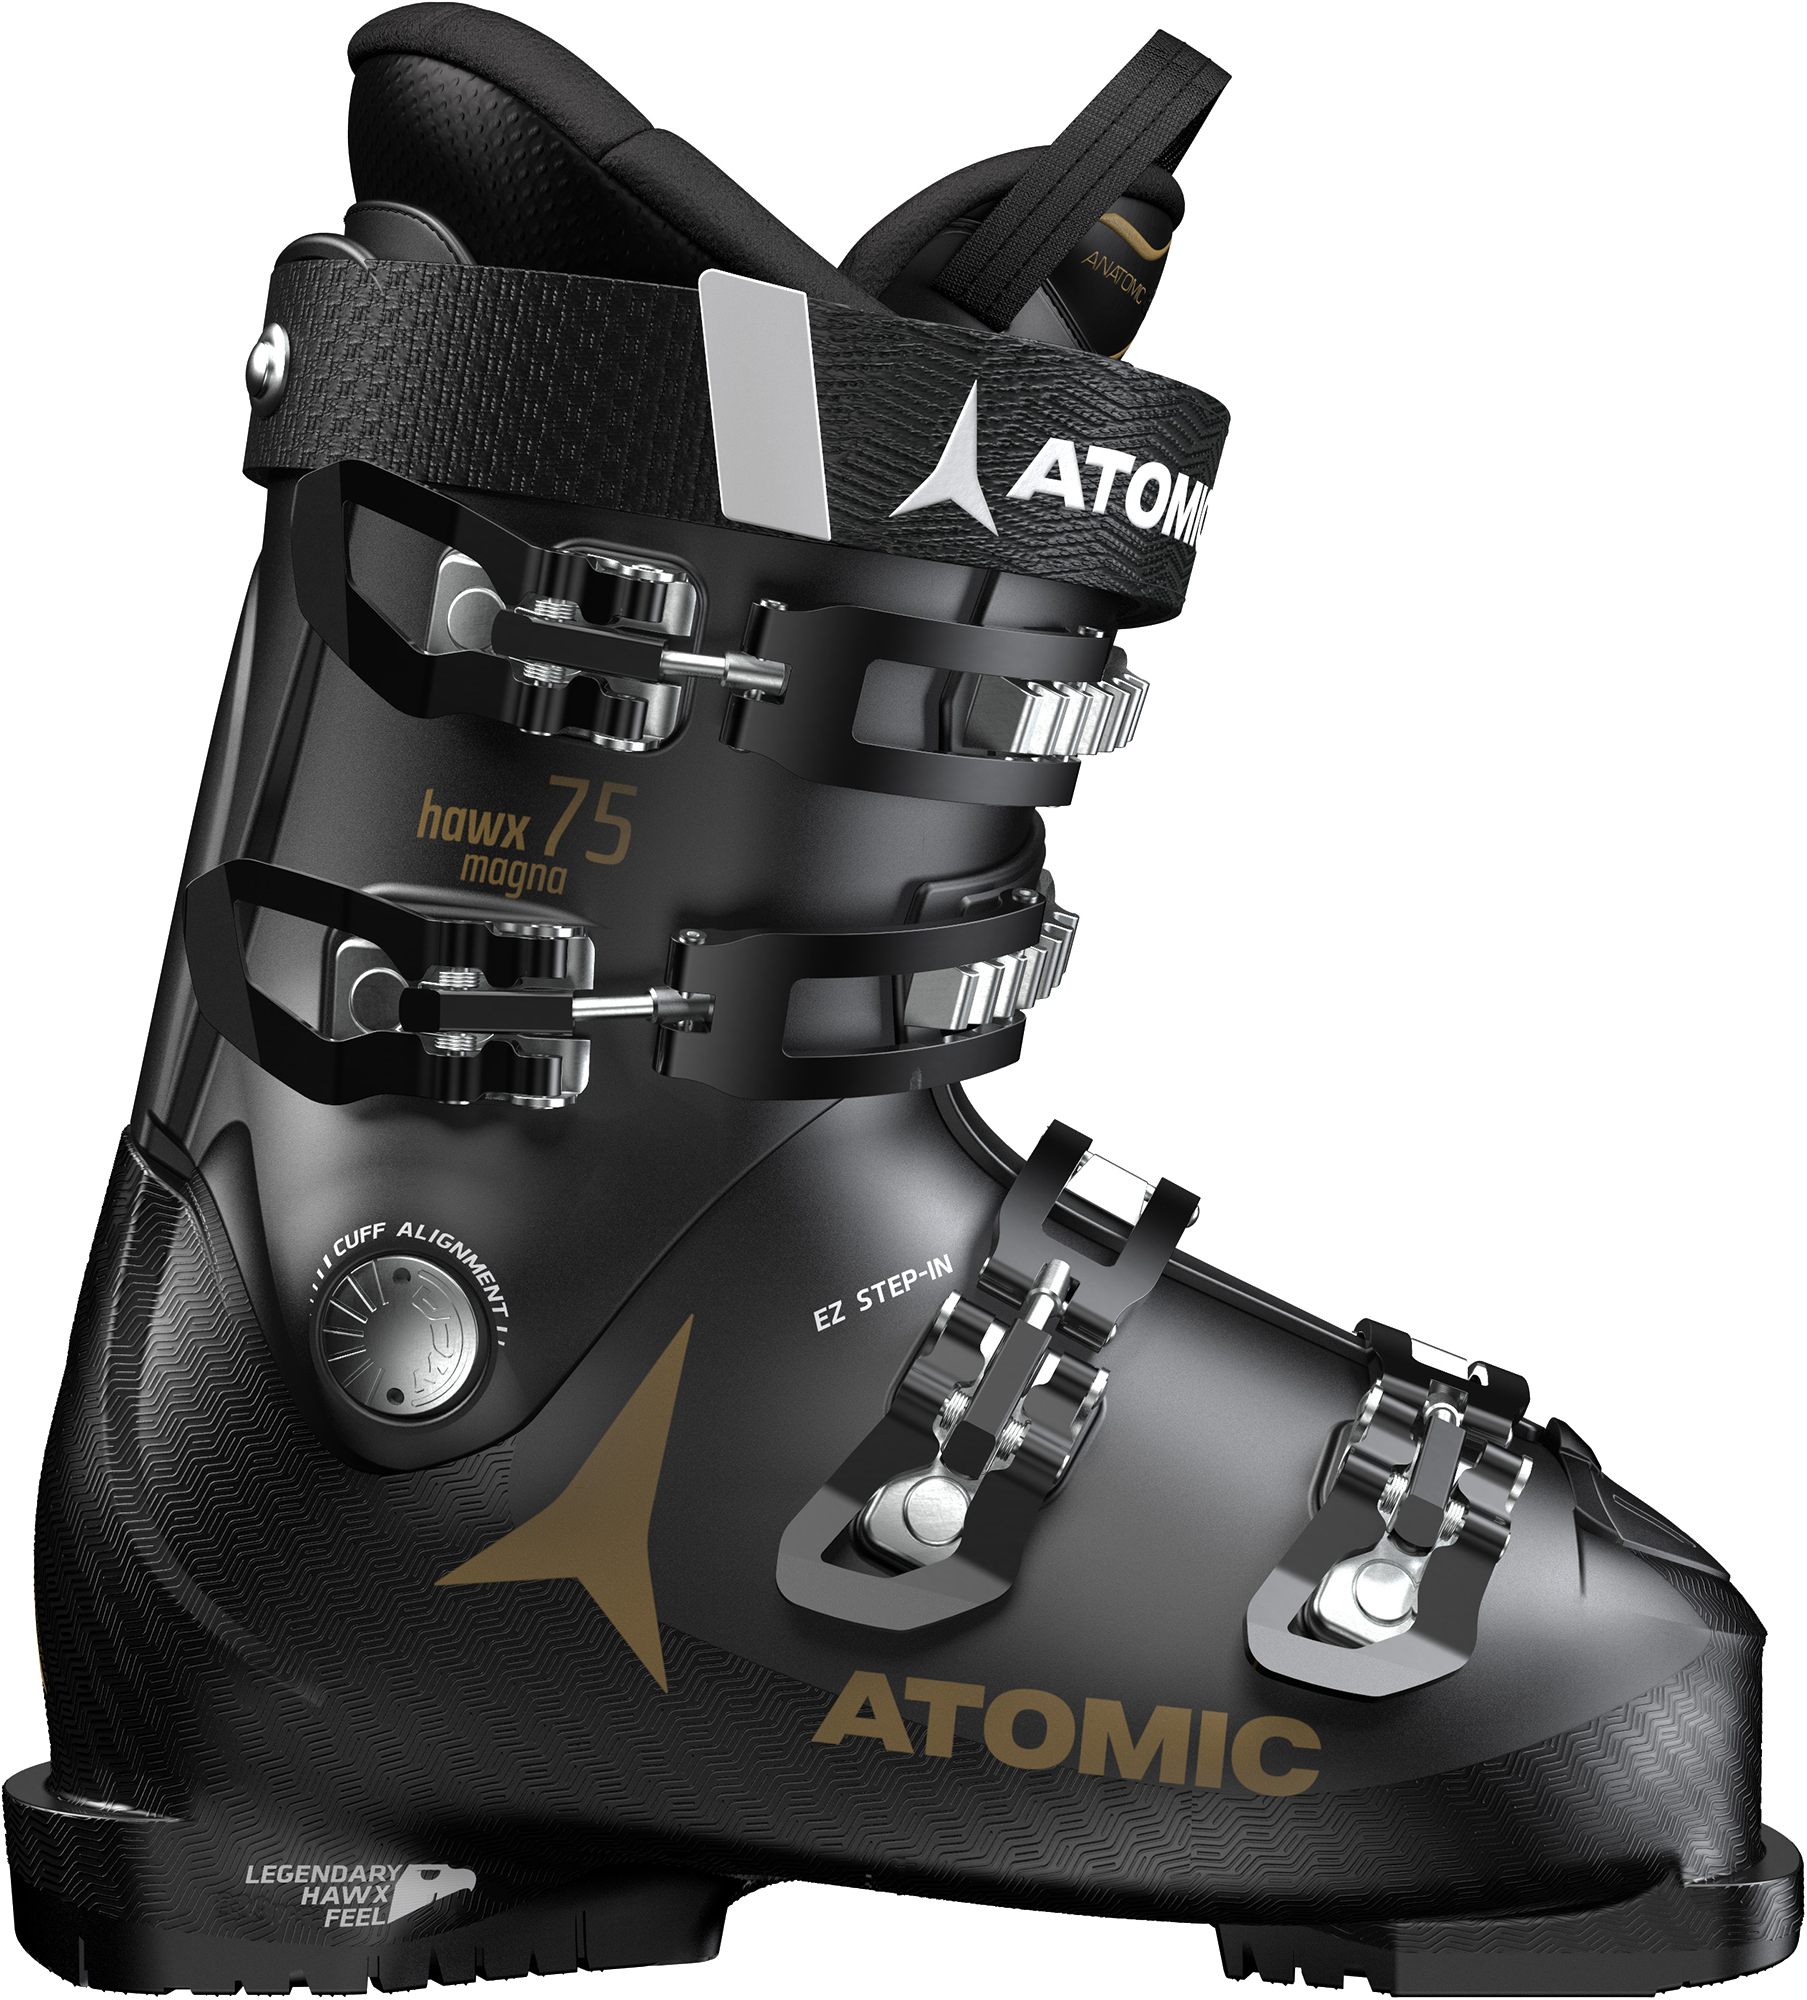 Atomic Ботинки горнолыжные женские Atomic Hawx Magna 75, размер 23 см atomic ботинки горнолыжные atomic live fit 100 размер 46